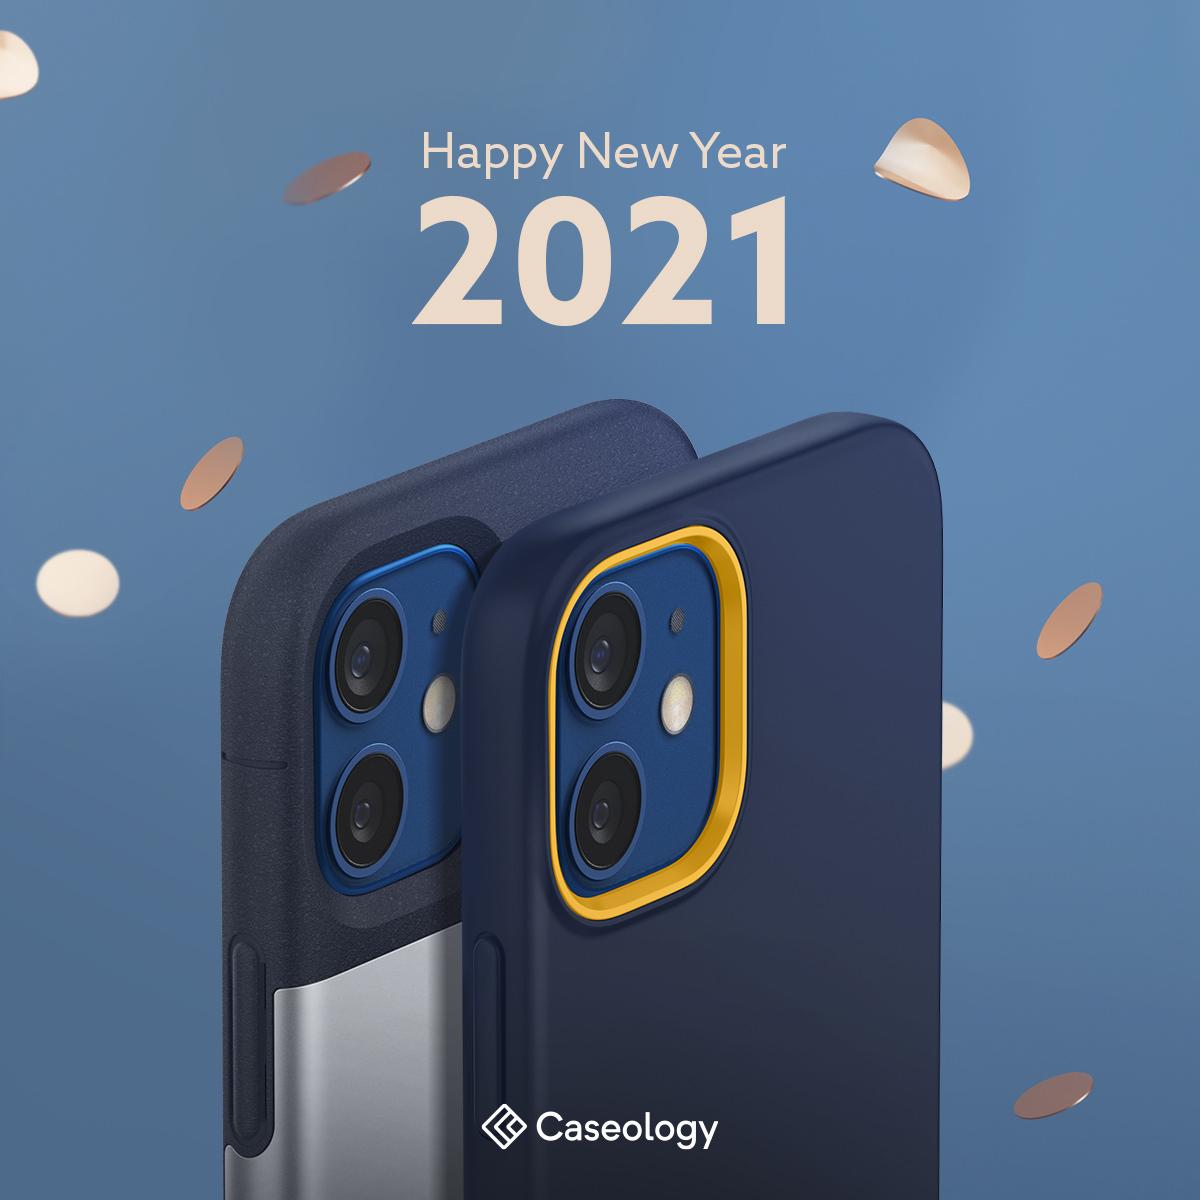 Caseology 202101 01